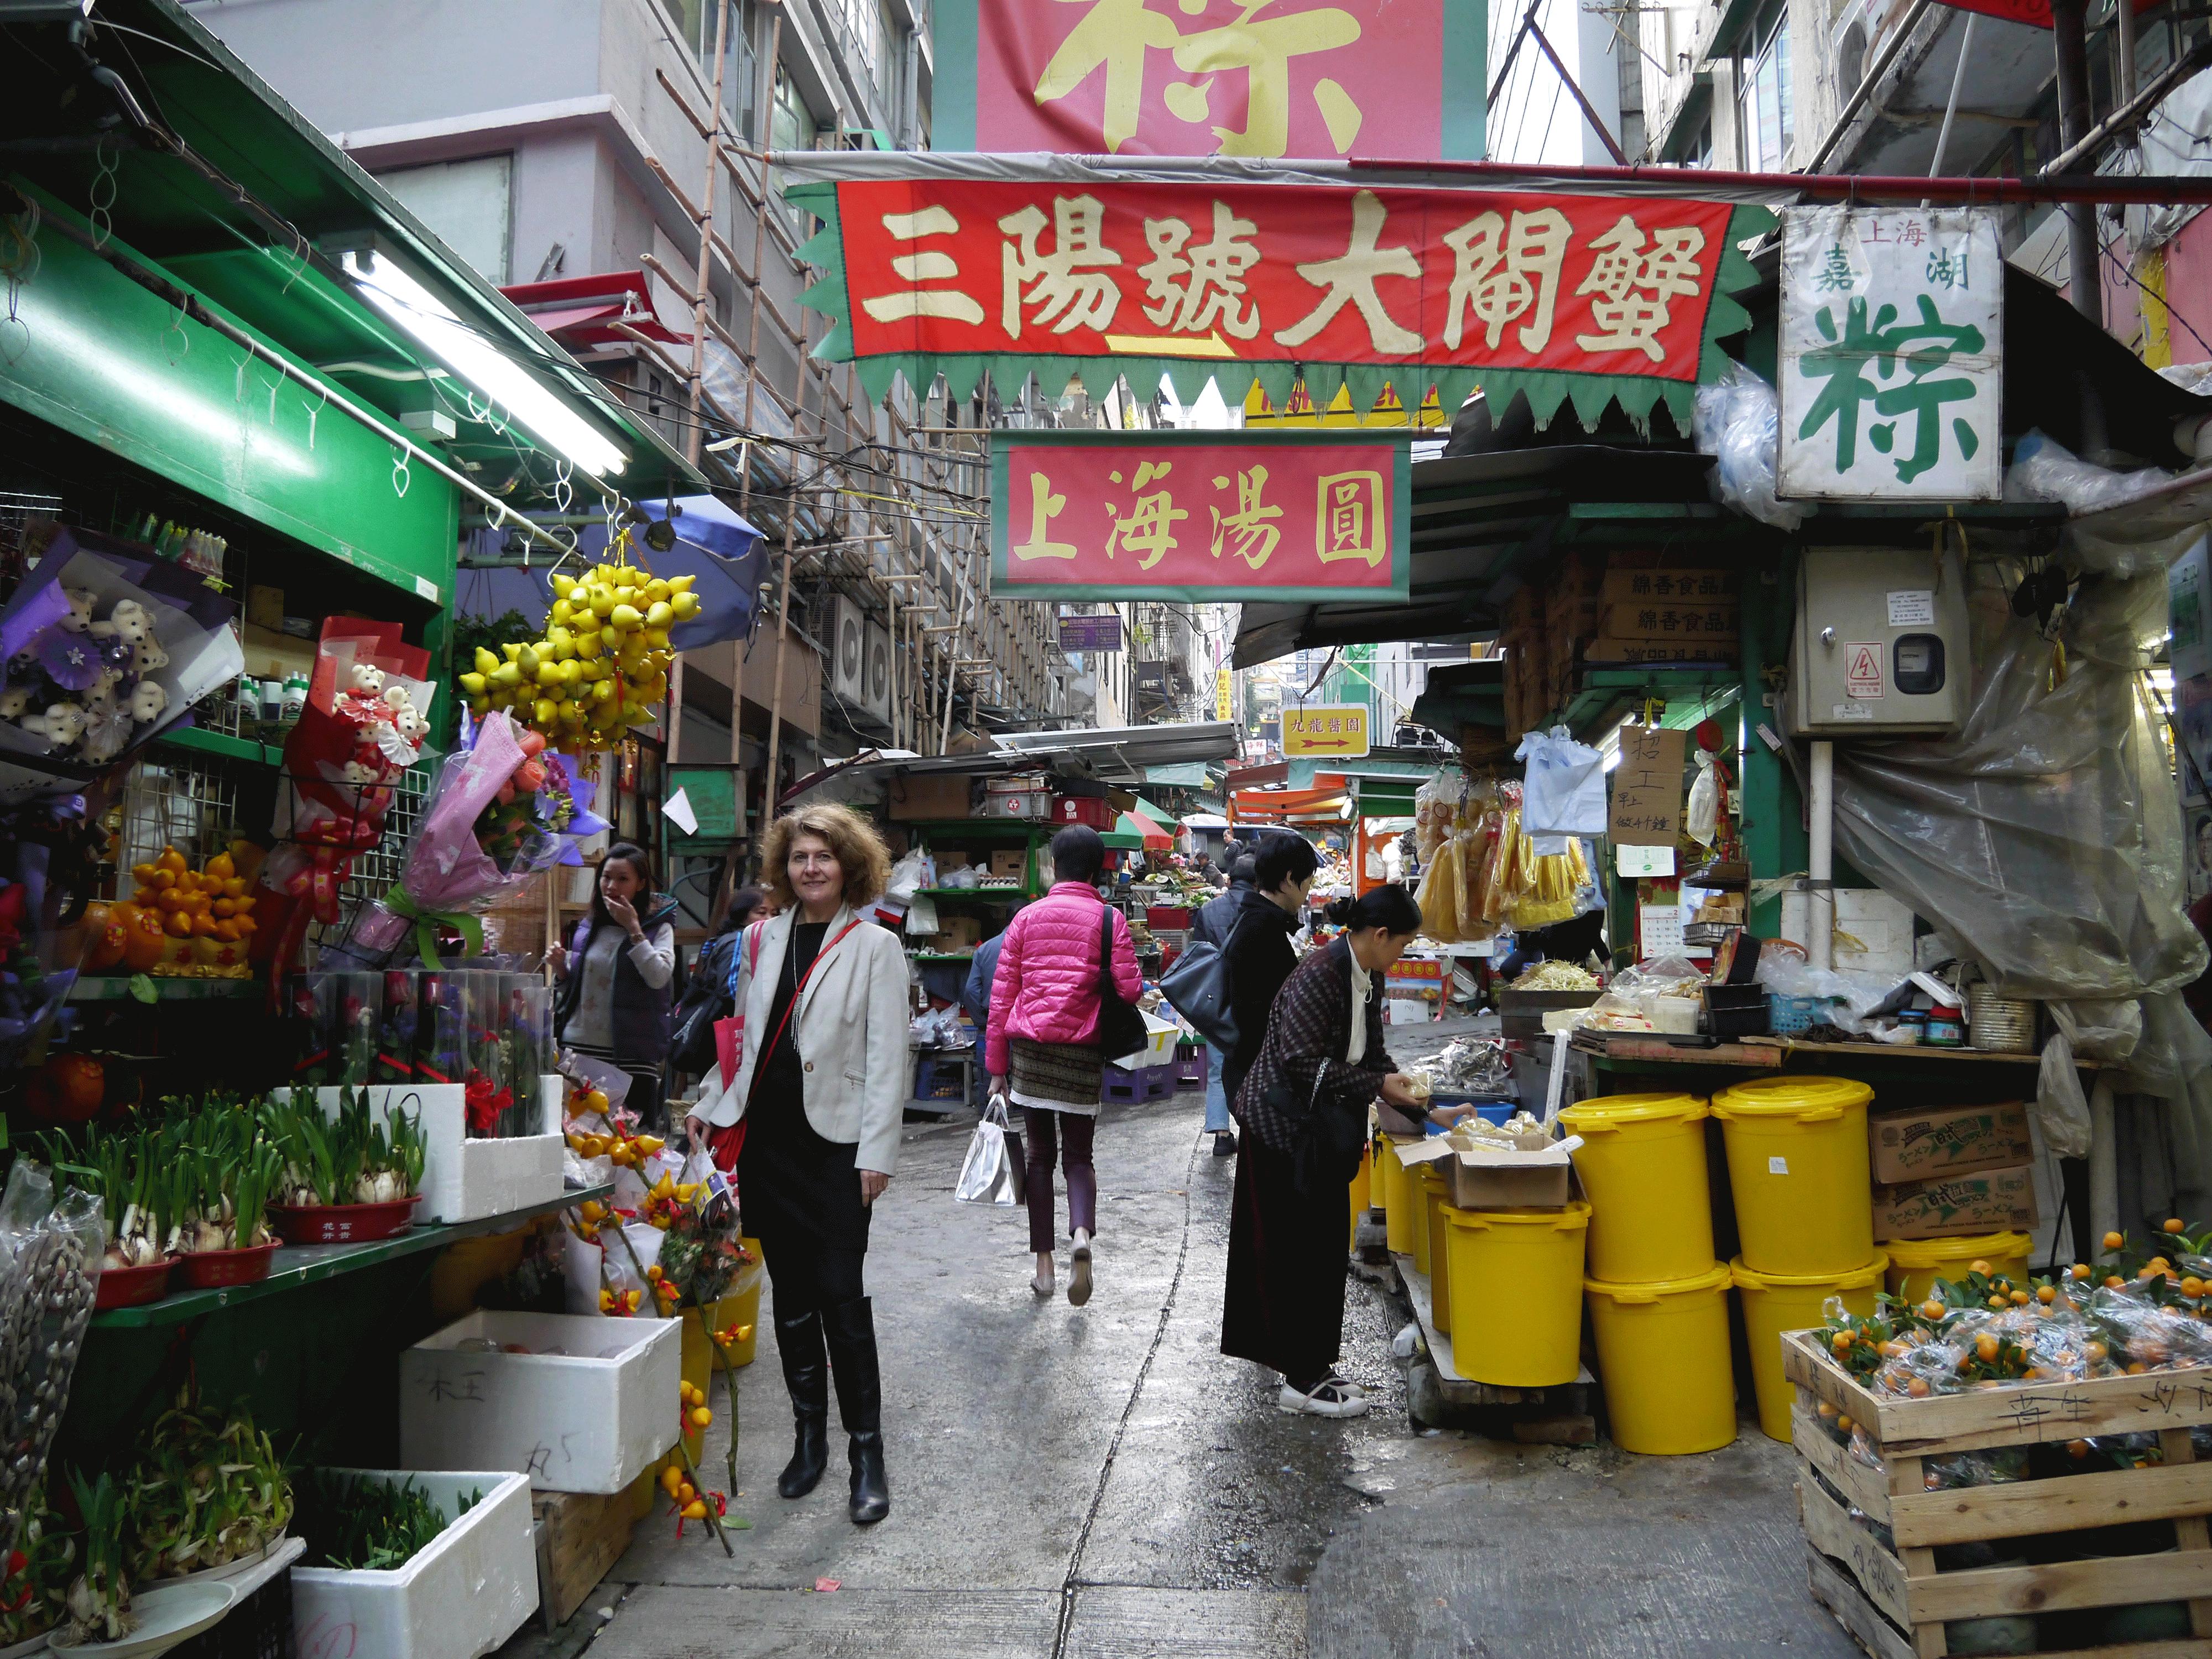 Hong Kong Entre deux grandes artères les petits commerces traditionnels perdurent